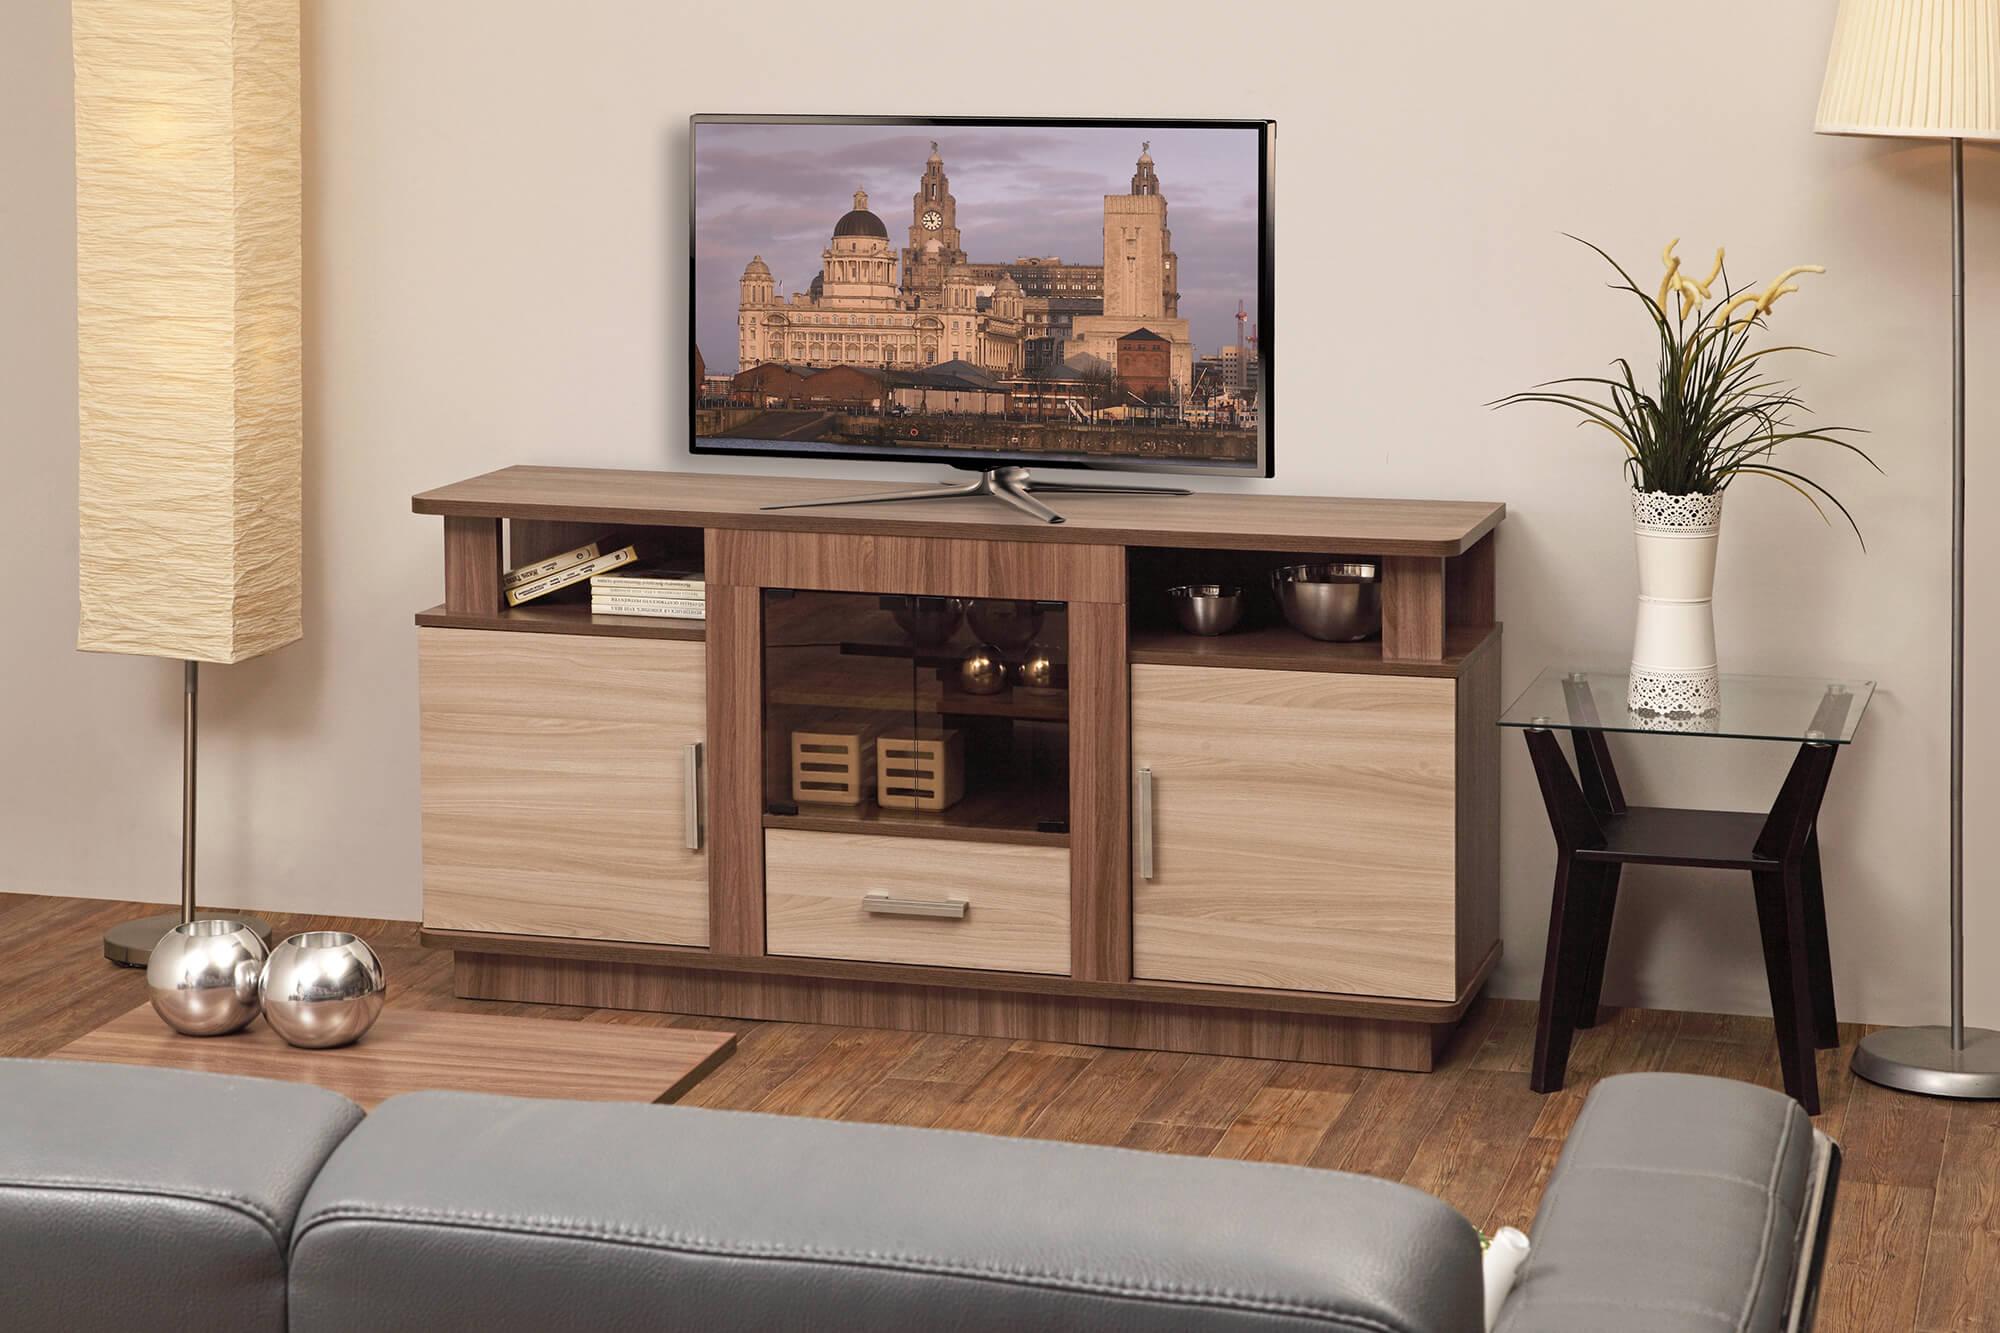 uzkaya-tumba-pod-televizor (6)